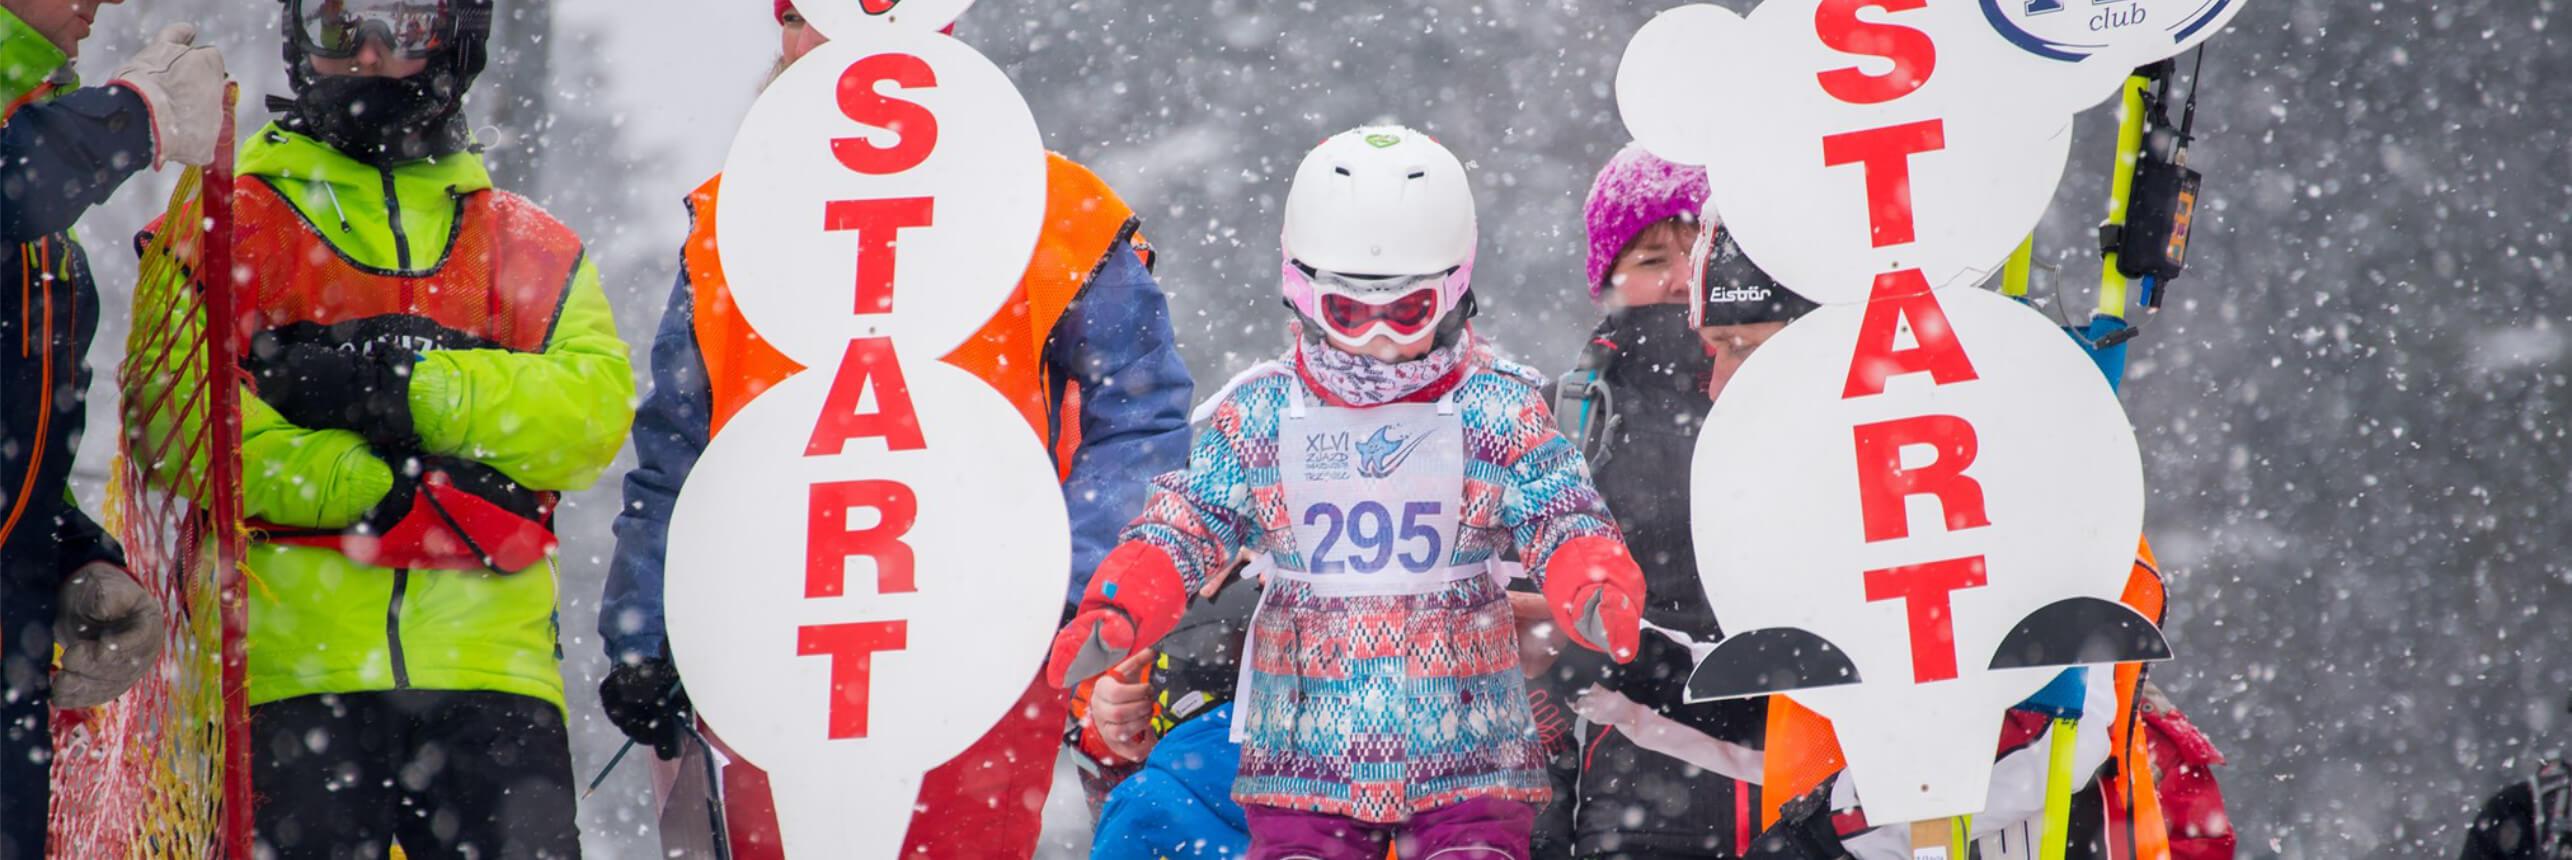 Pět dní do cíle. Uzávěrka Fotky měsíce Nikonblogu s tématem Sport se blíží!